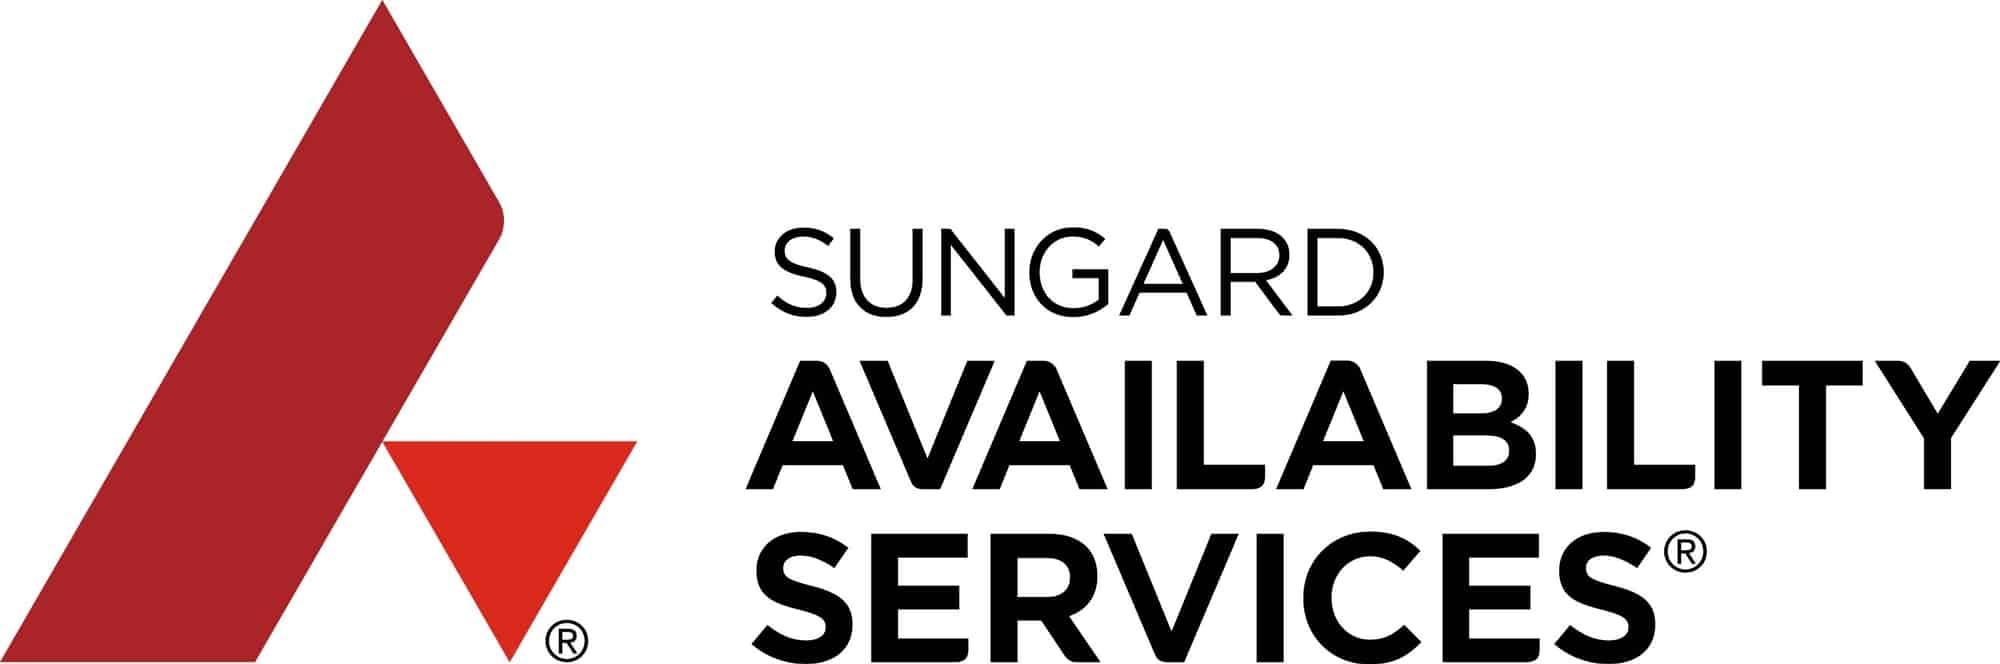 logo sunguard